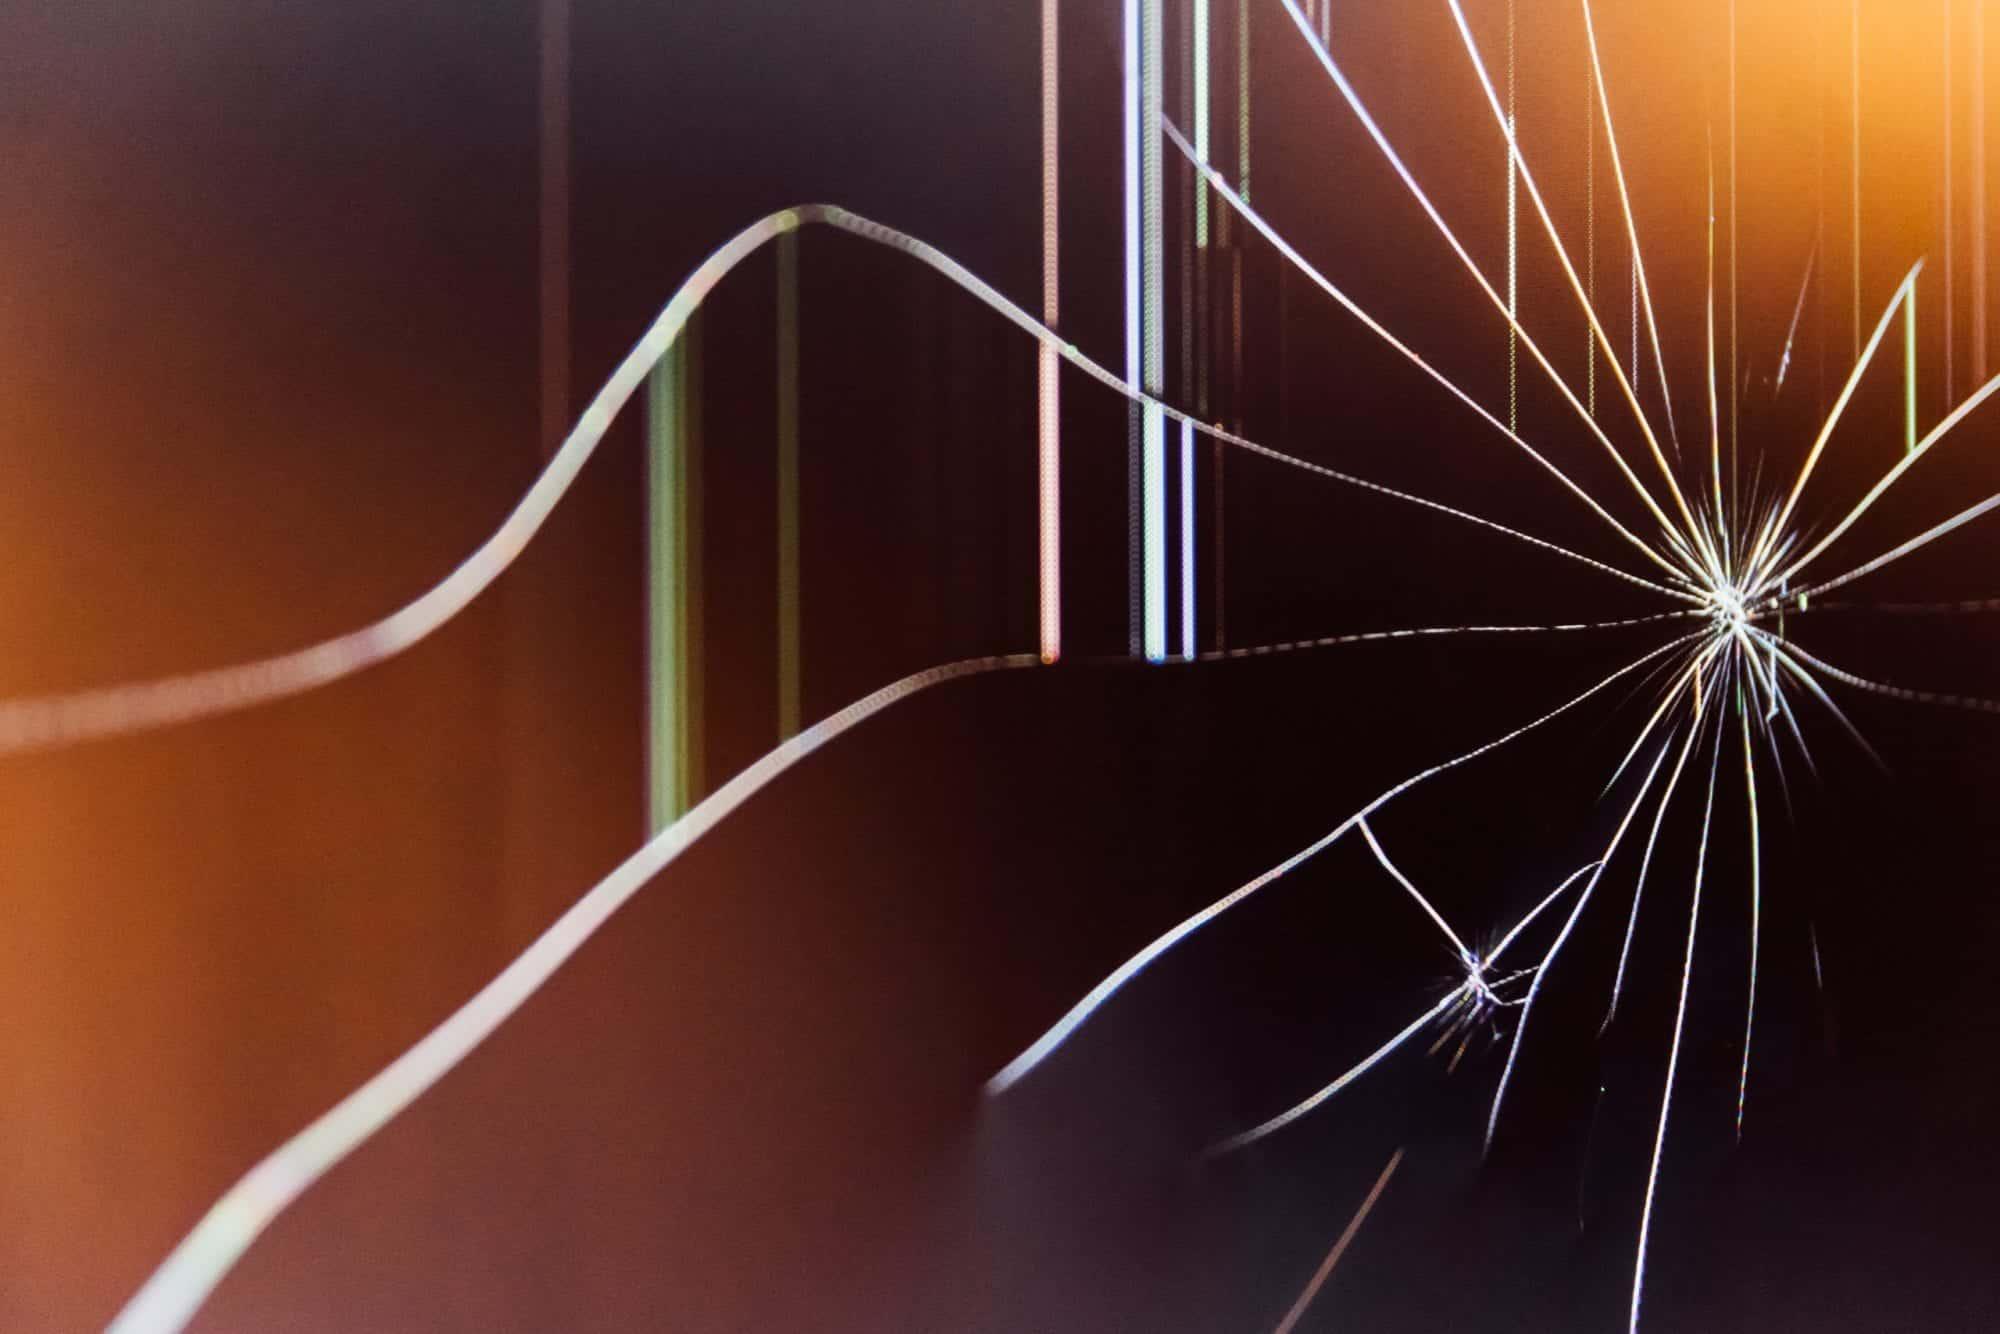 Broken glass screen